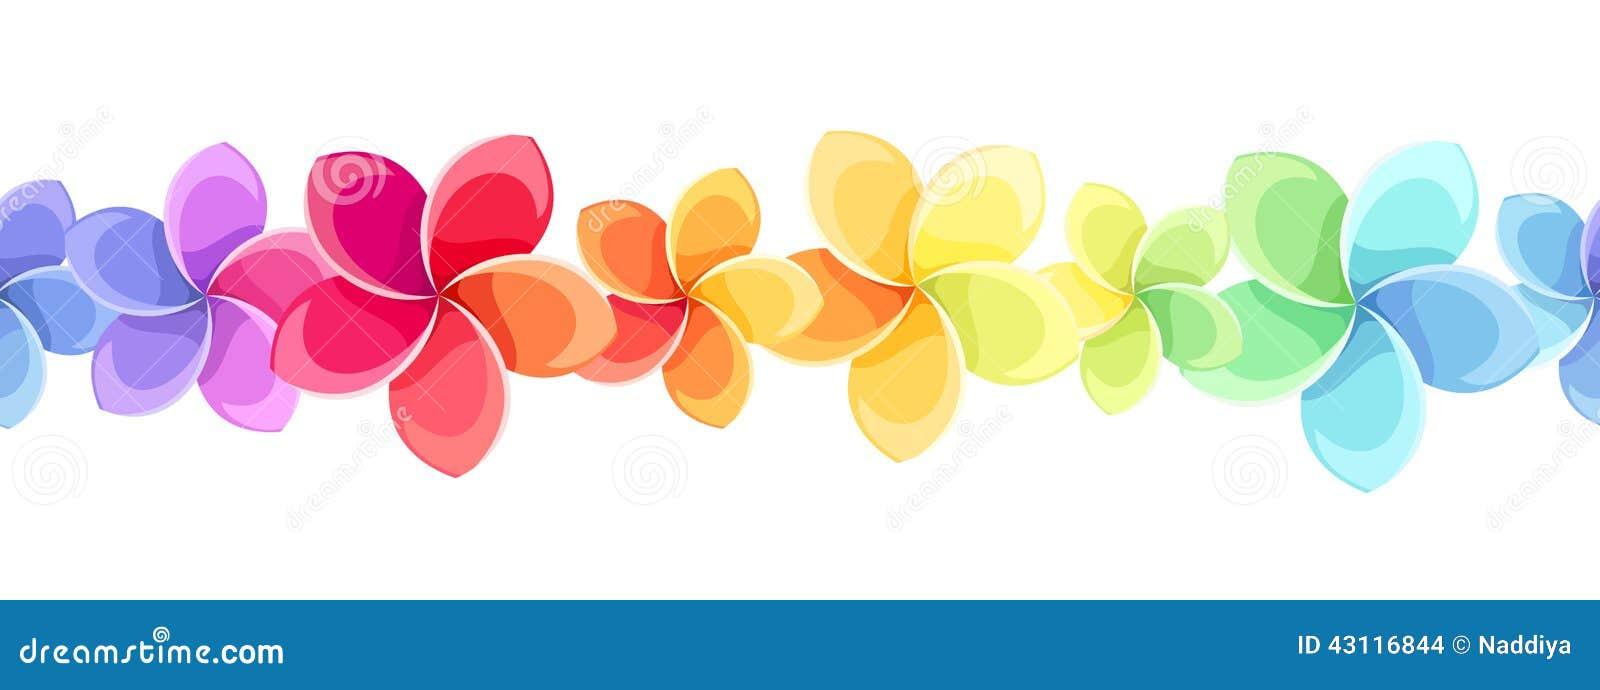 Horyzontalny bezszwowy tło z kolorowymi kwiatami również zwrócić corel ilustracji wektora